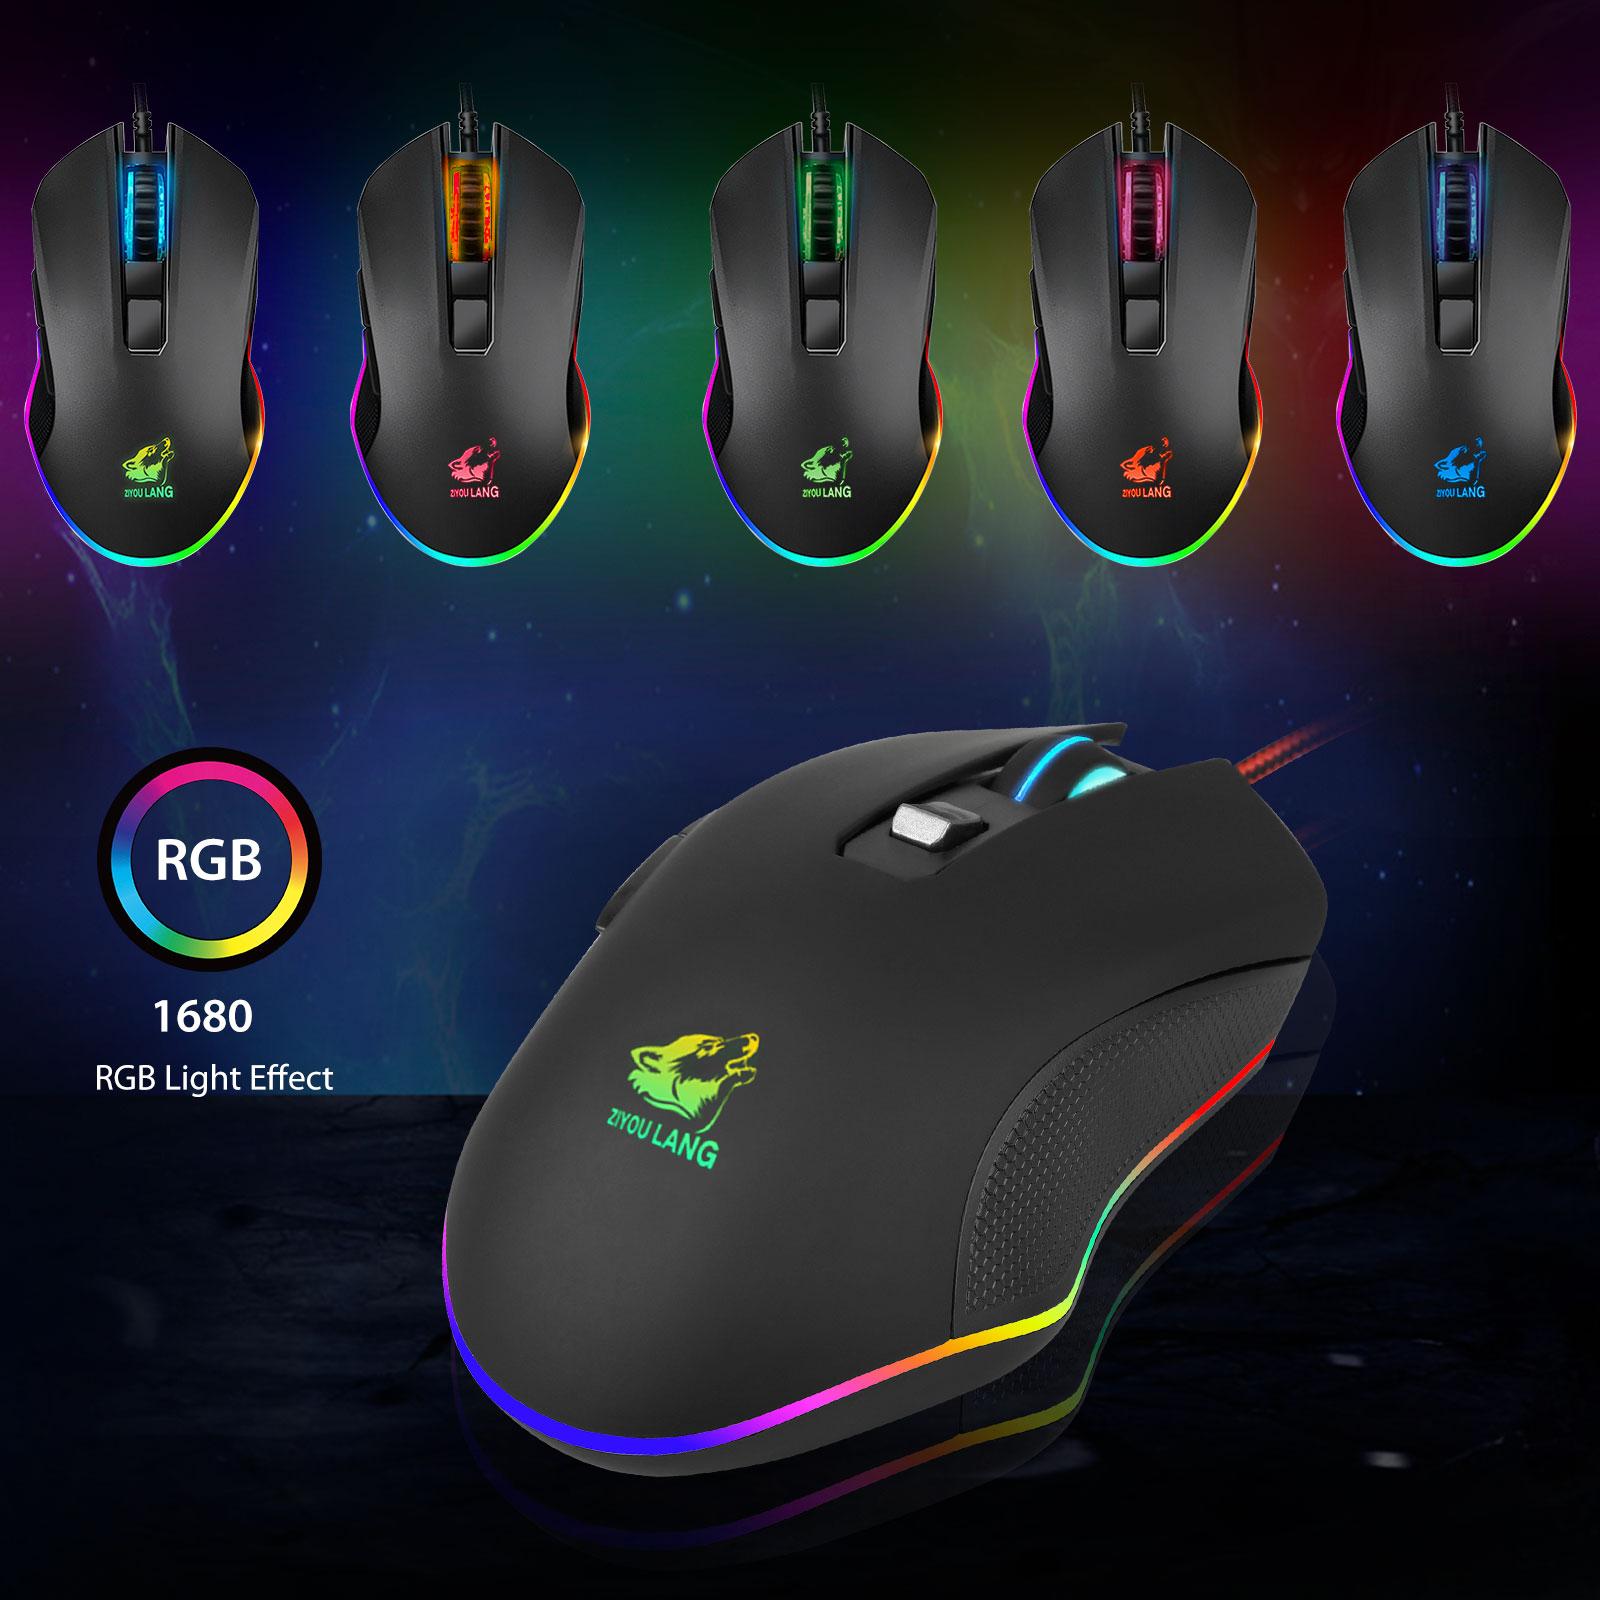 ZIYOU LANG V1 Chuột Máy Tính Gaming LED RGB Tự Động Đổi Màu, Có 3 Mức DPI,Kiểu Dáng Gaming Có Dây - Hàng chính hãng